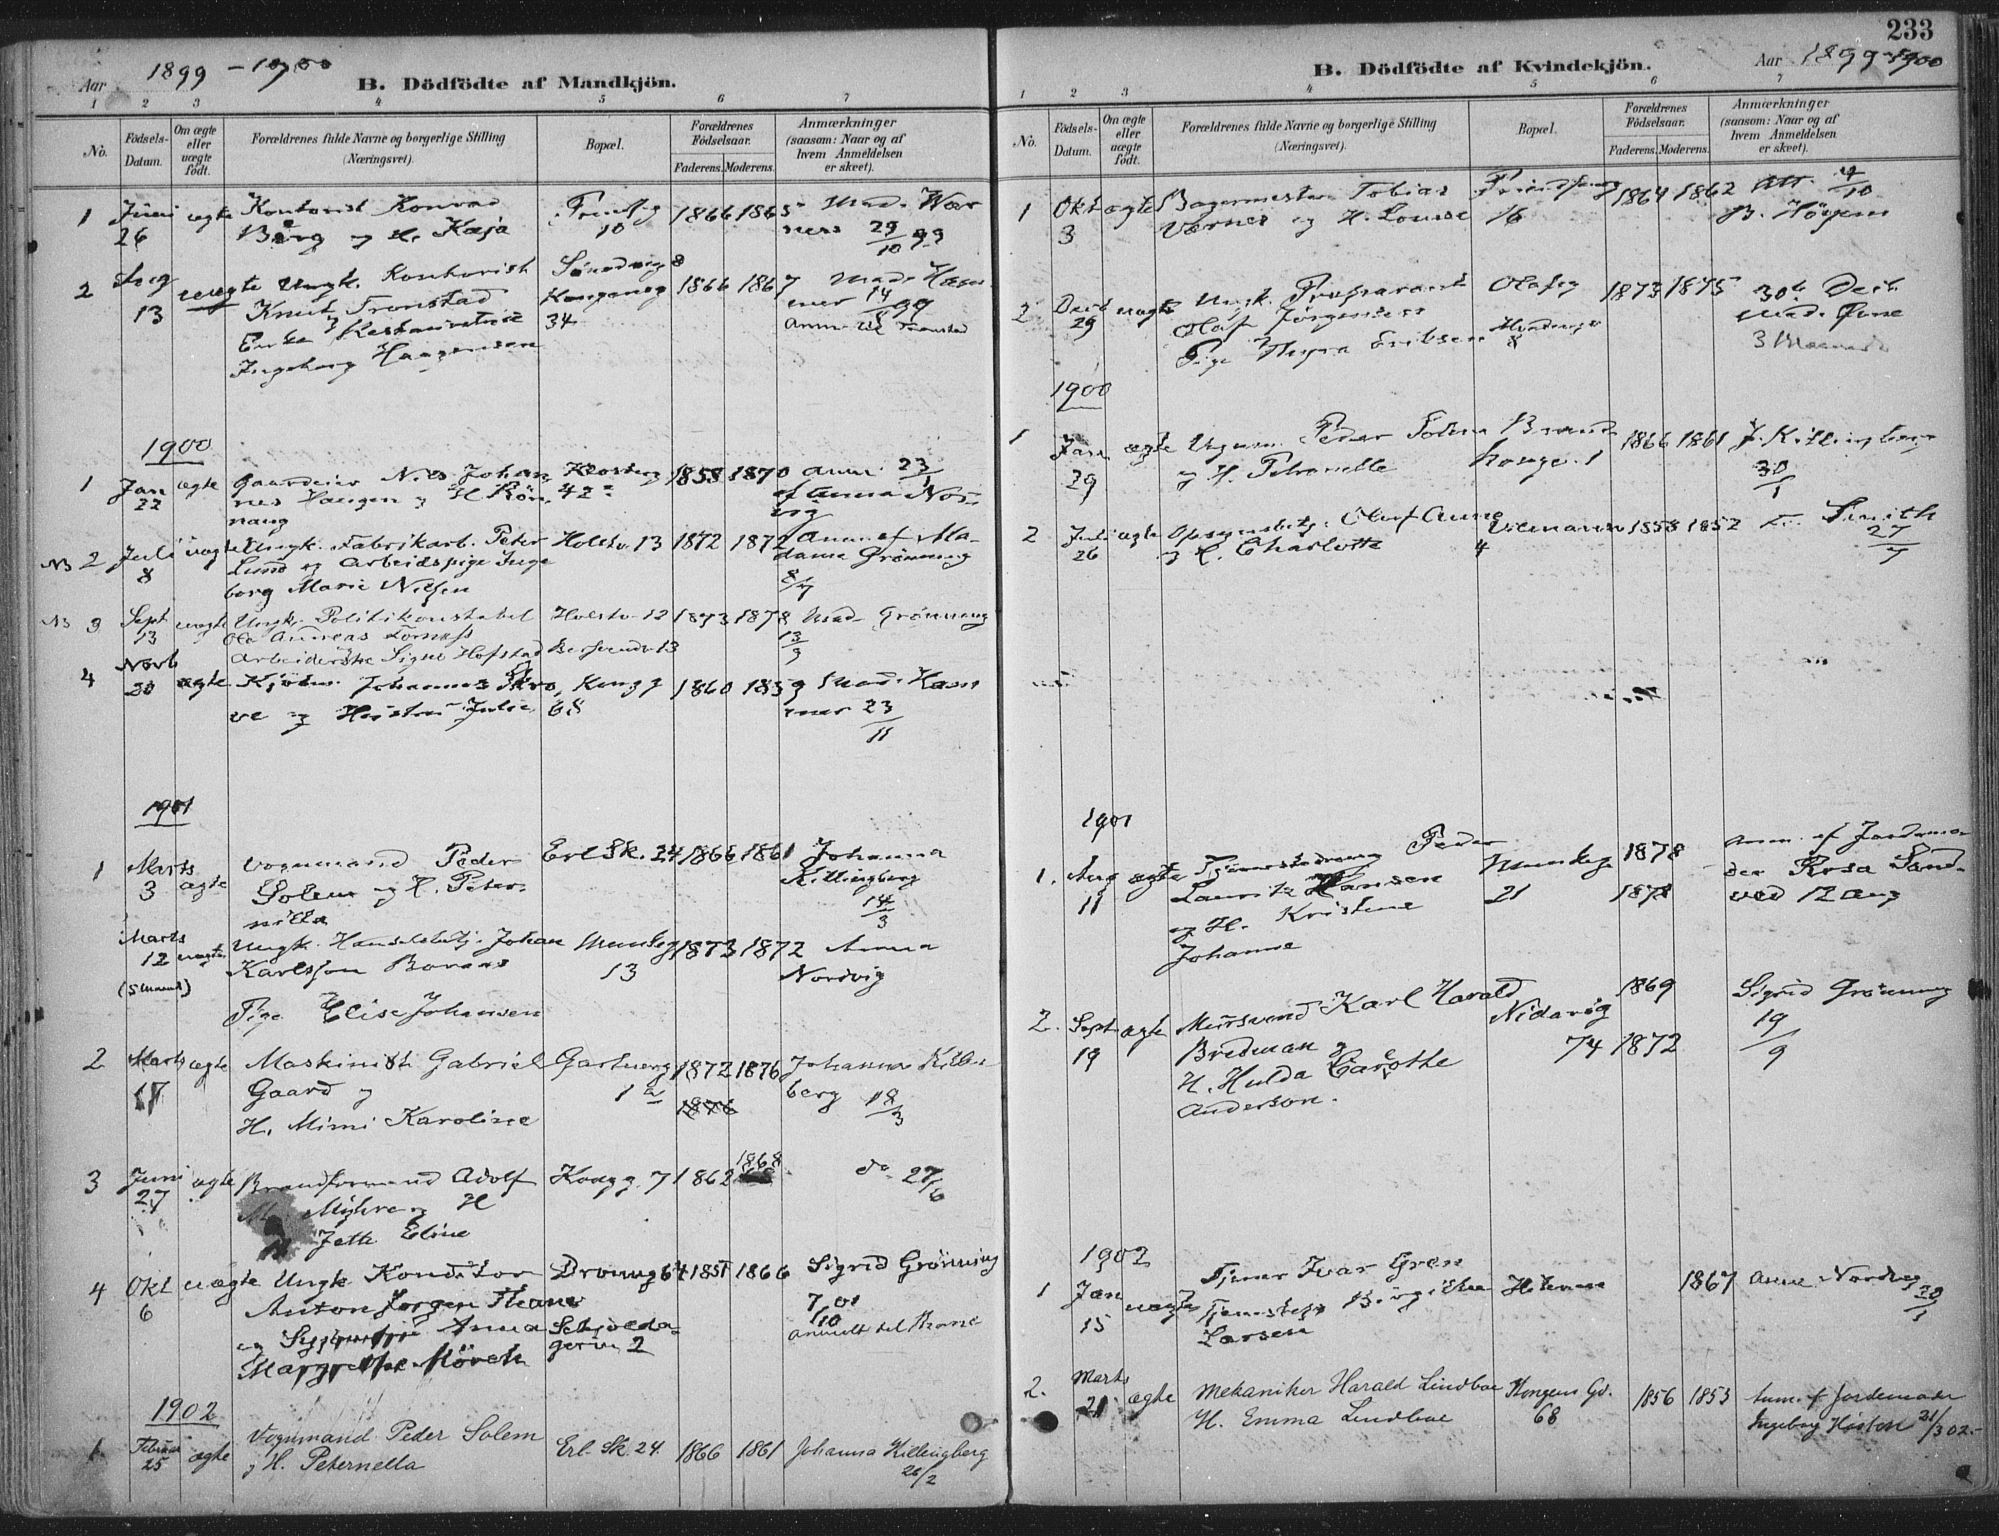 SAT, Ministerialprotokoller, klokkerbøker og fødselsregistre - Sør-Trøndelag, 601/L0062: Ministerialbok nr. 601A30, 1891-1911, s. 233